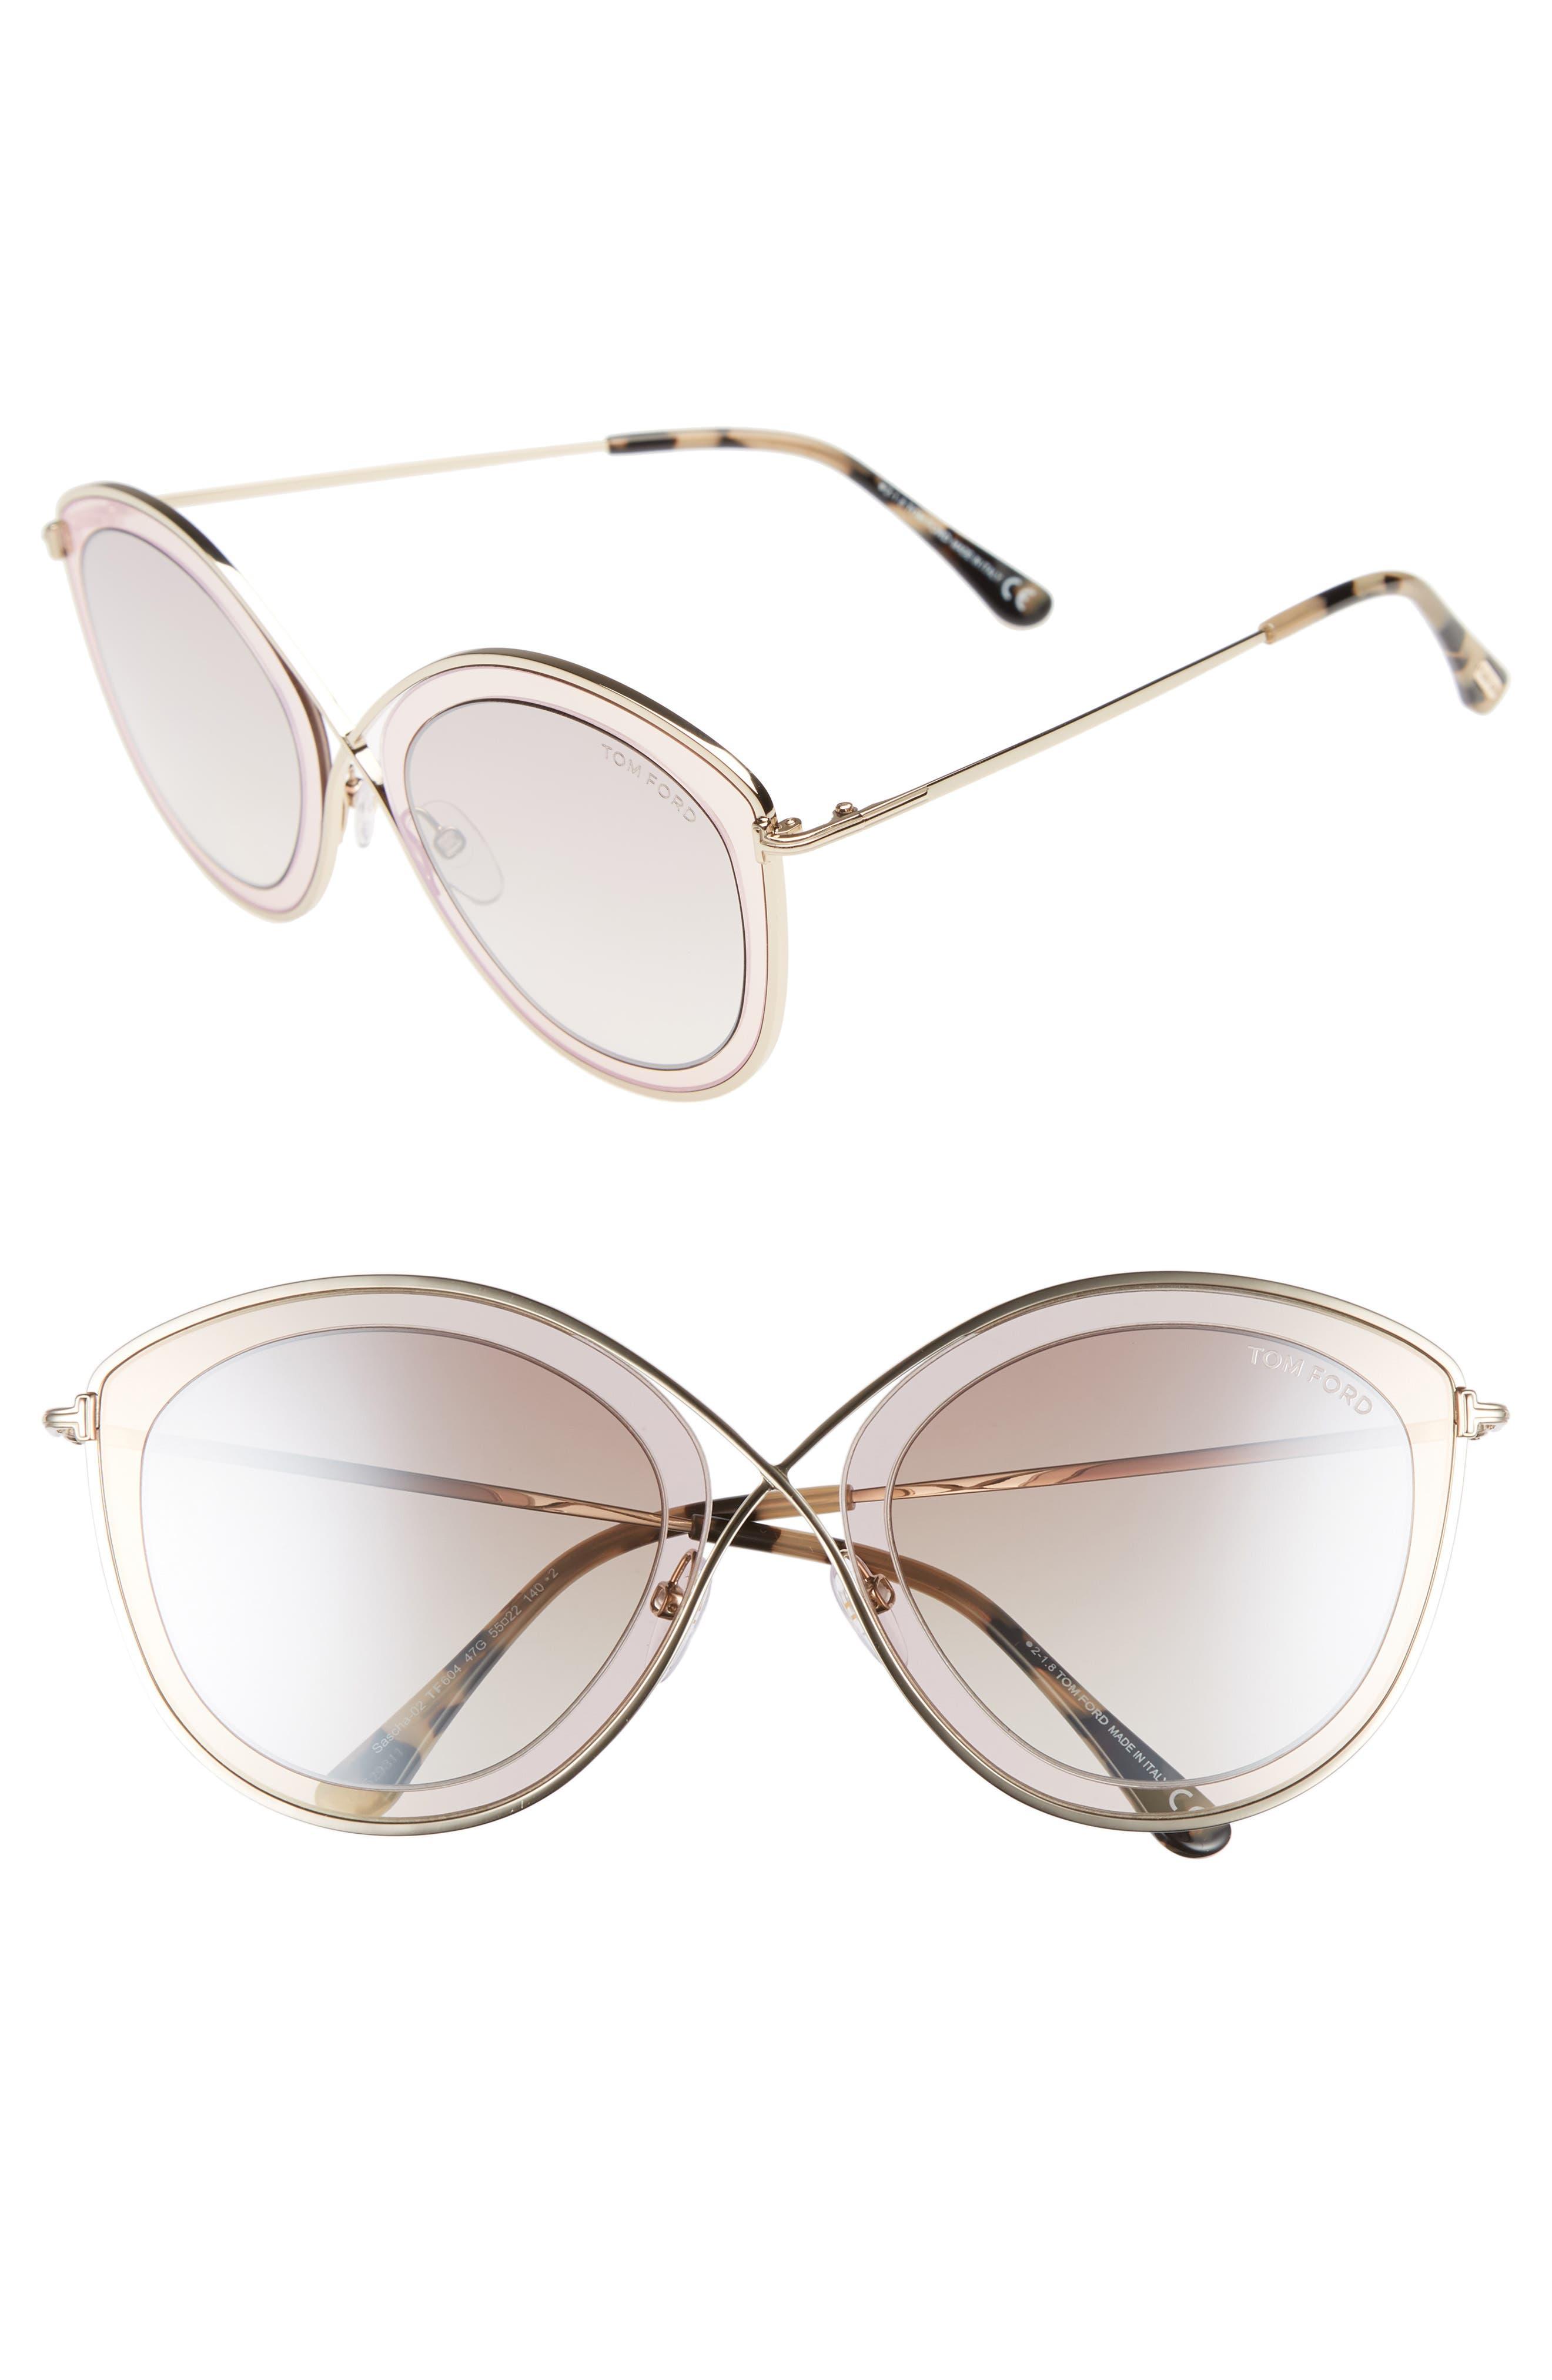 00b5646b9c31 Cat-Eye Tom Ford Sunglasses for Women   Men